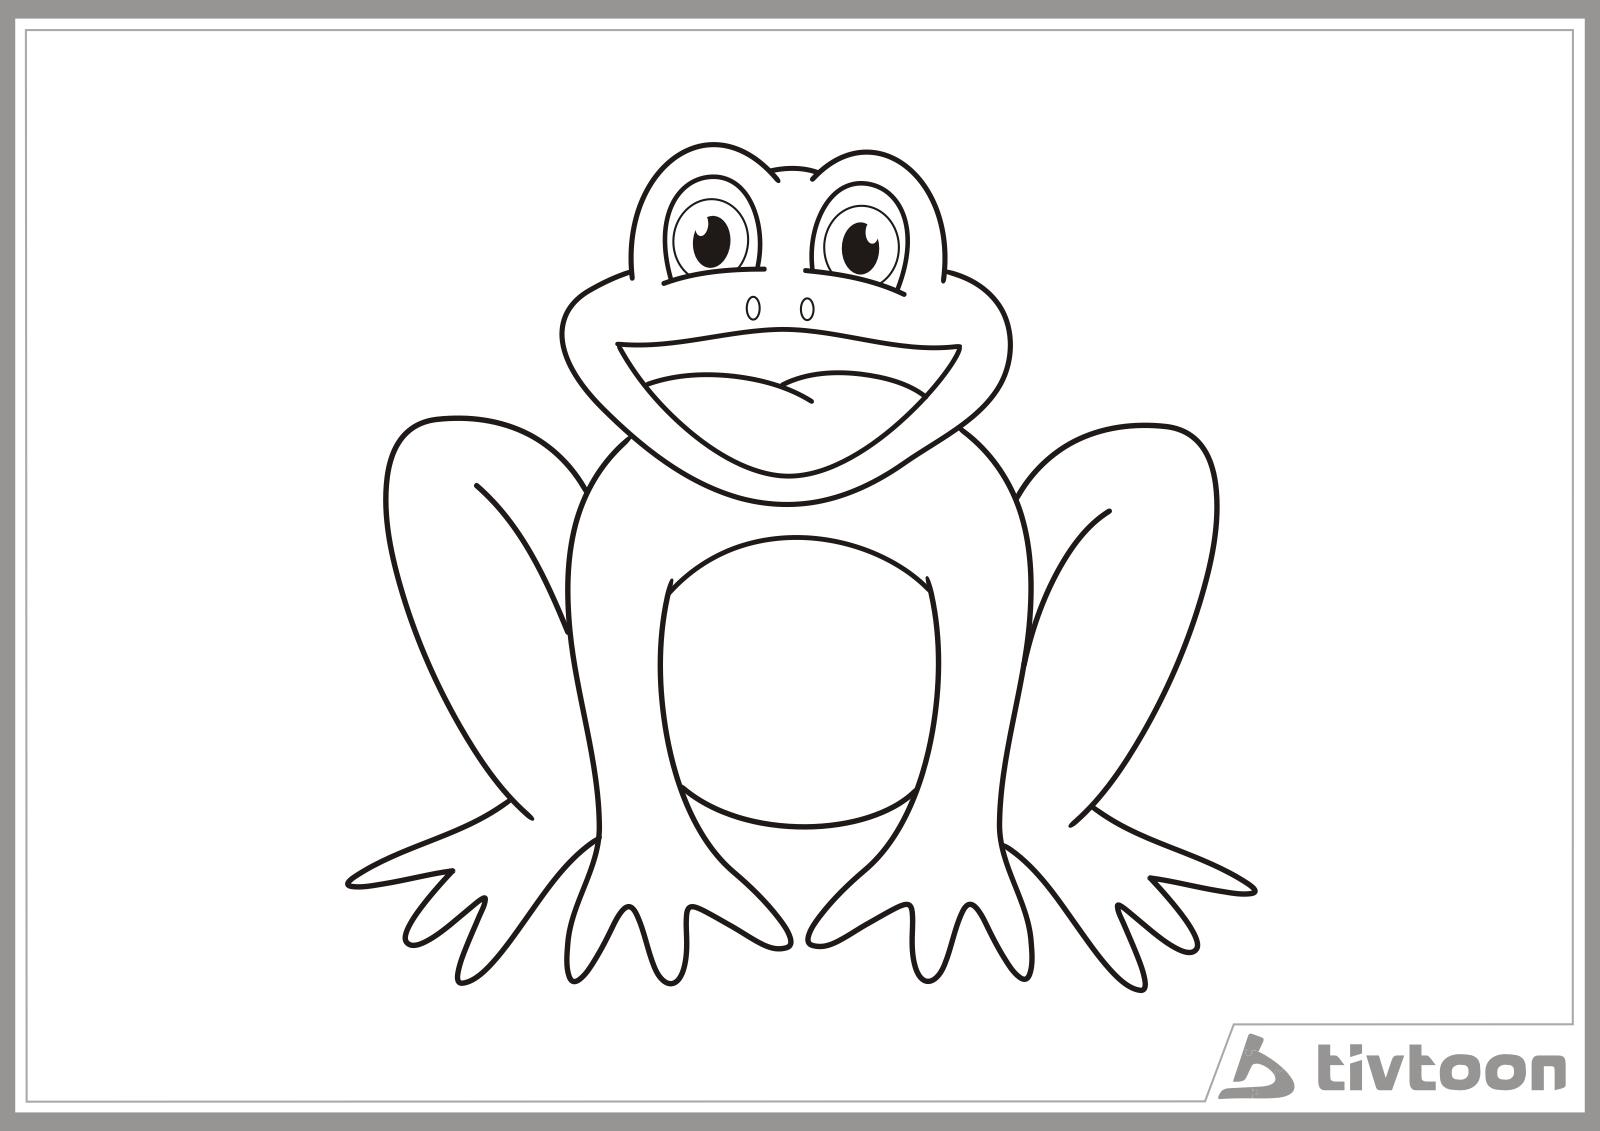 gambar katak - gambar kartun katak